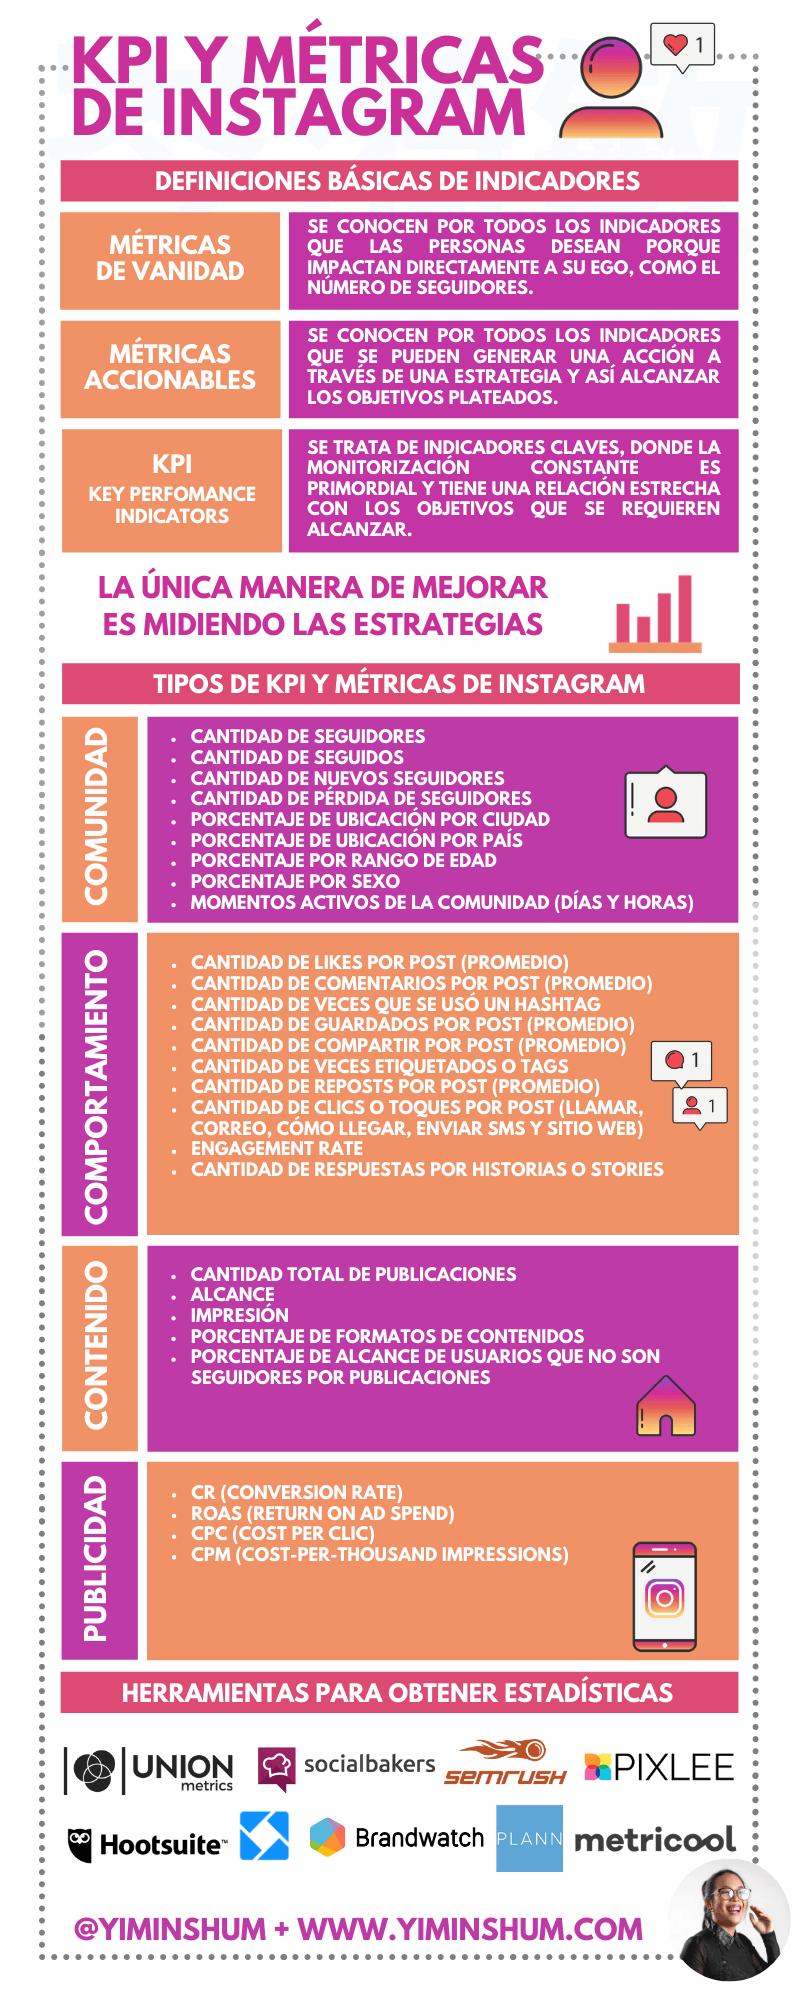 KPI y métricas de Instagram #infografia #infographic #socialmedia